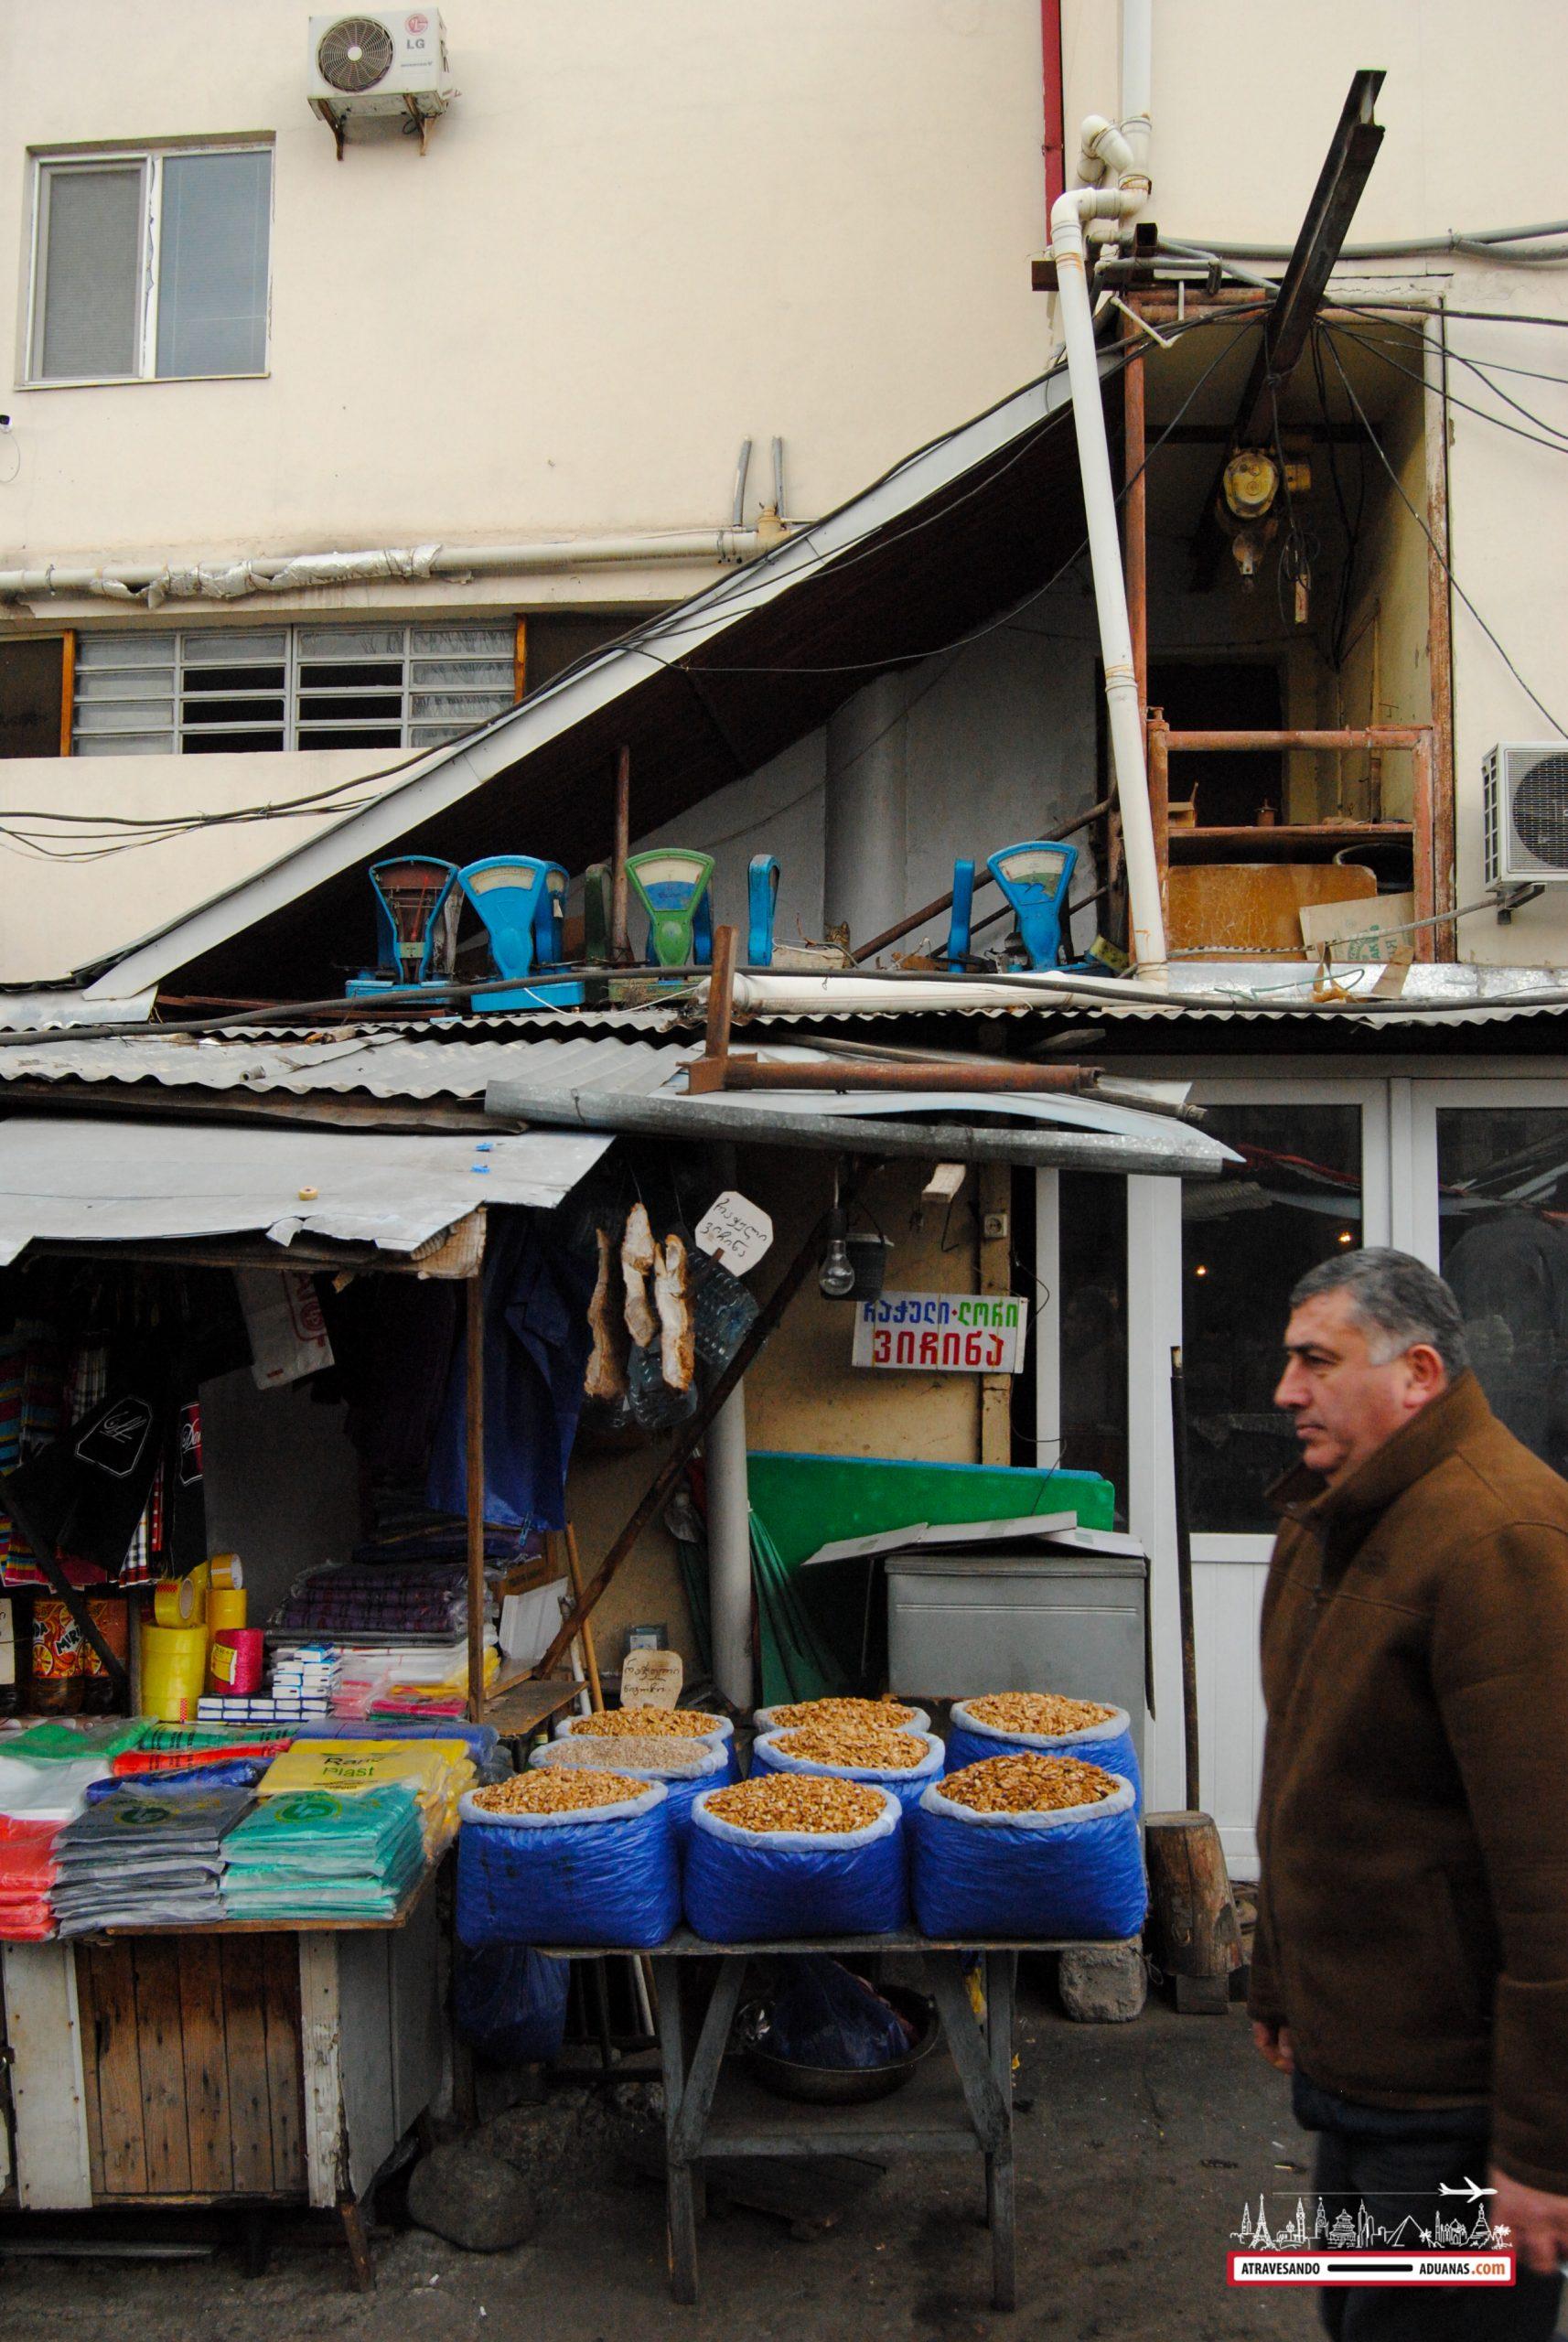 parada y básculas en el dezerter bazaar de tbilisi